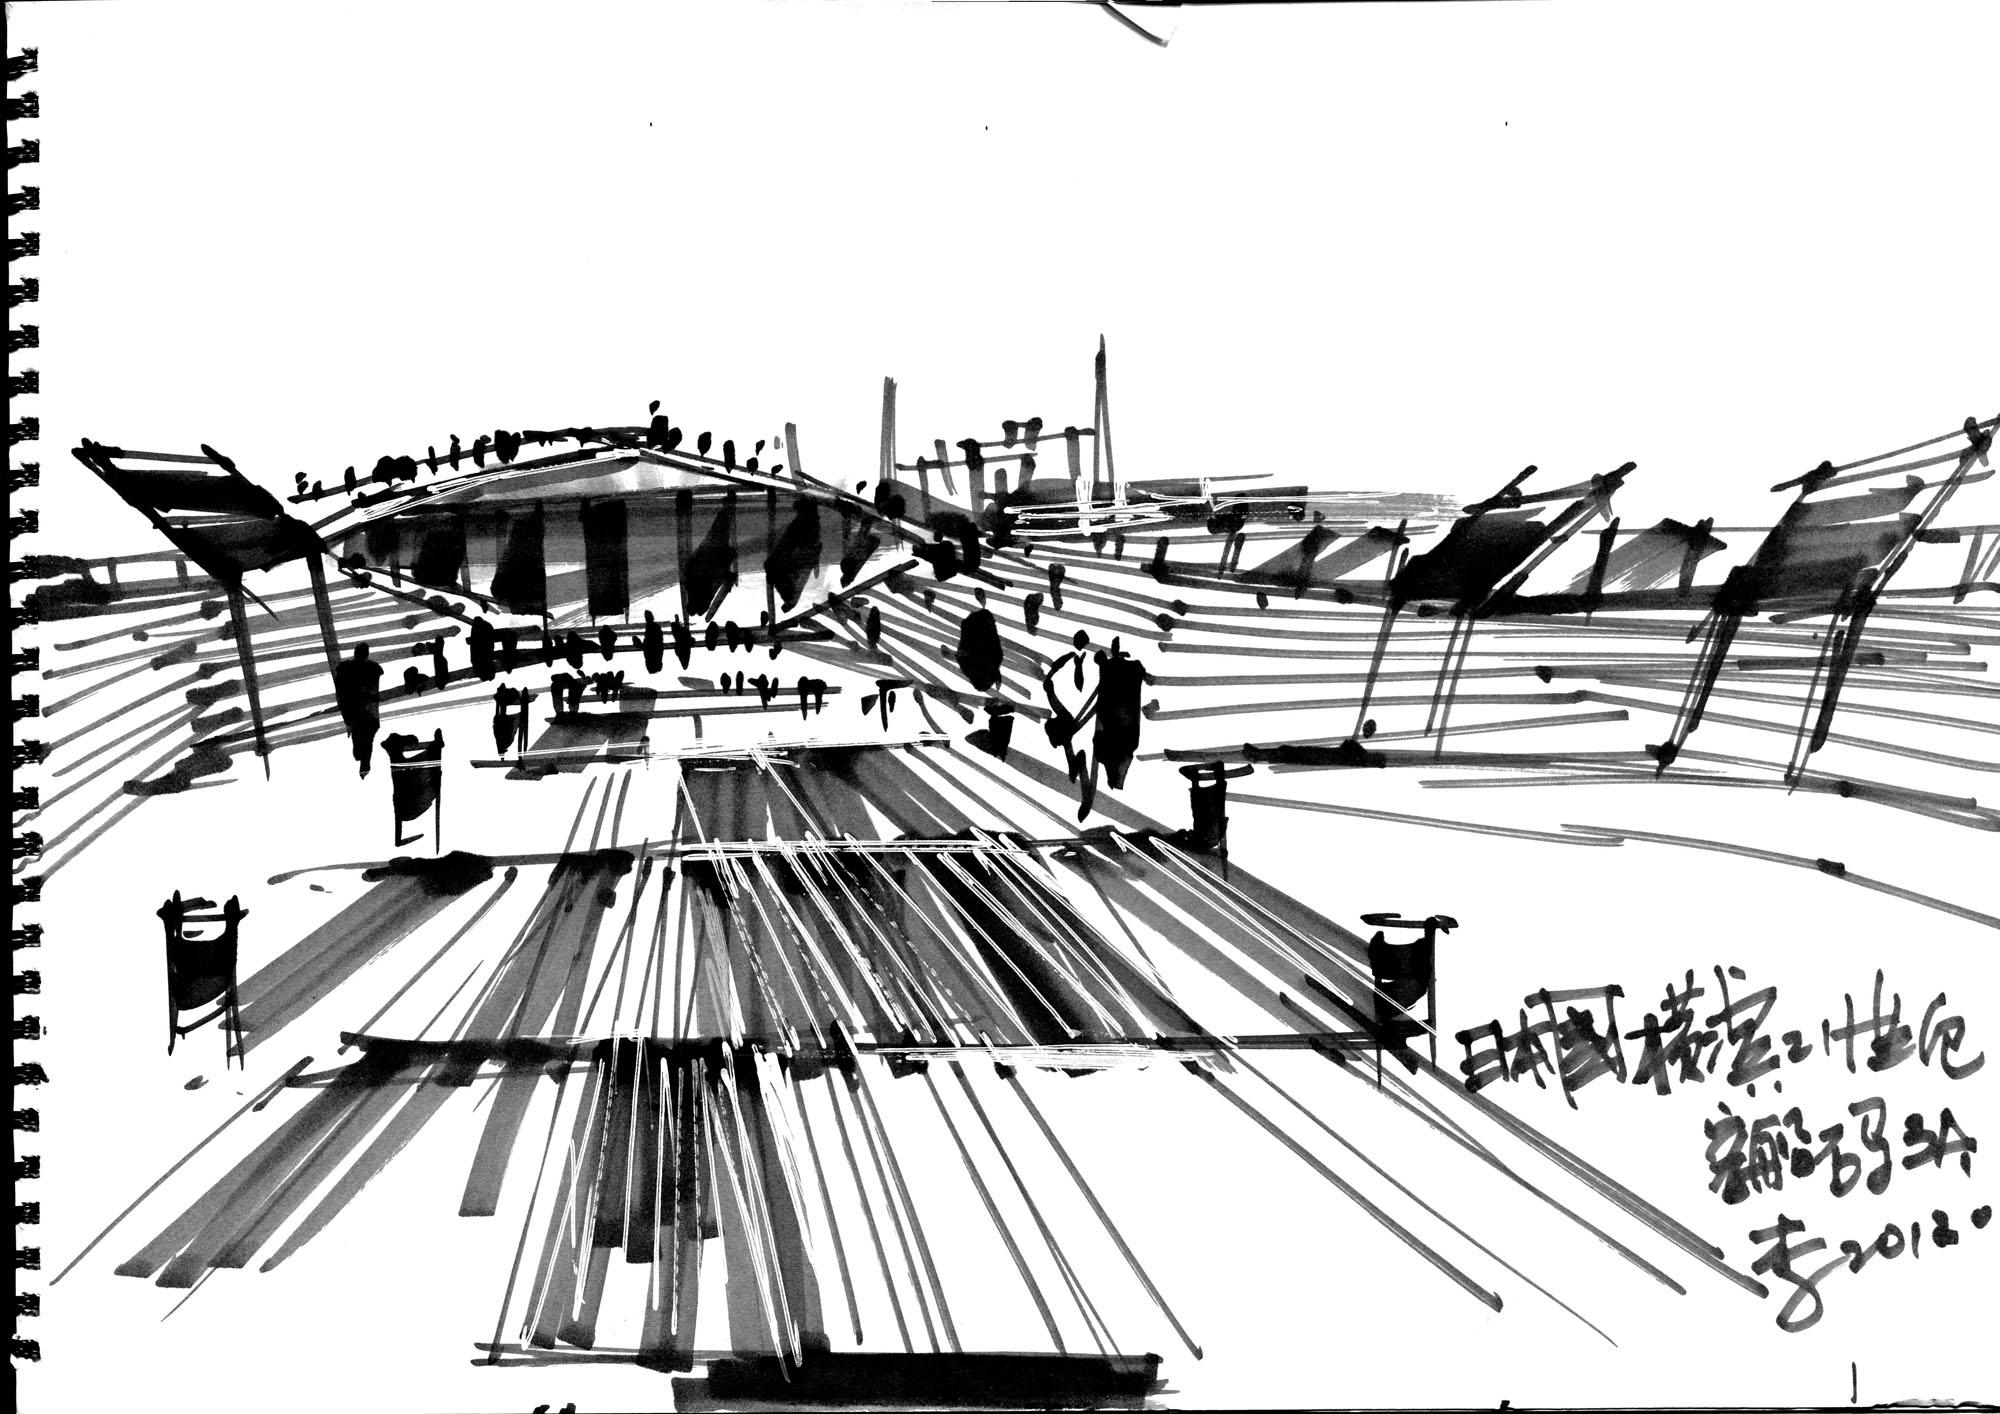 李文龙于日本手绘